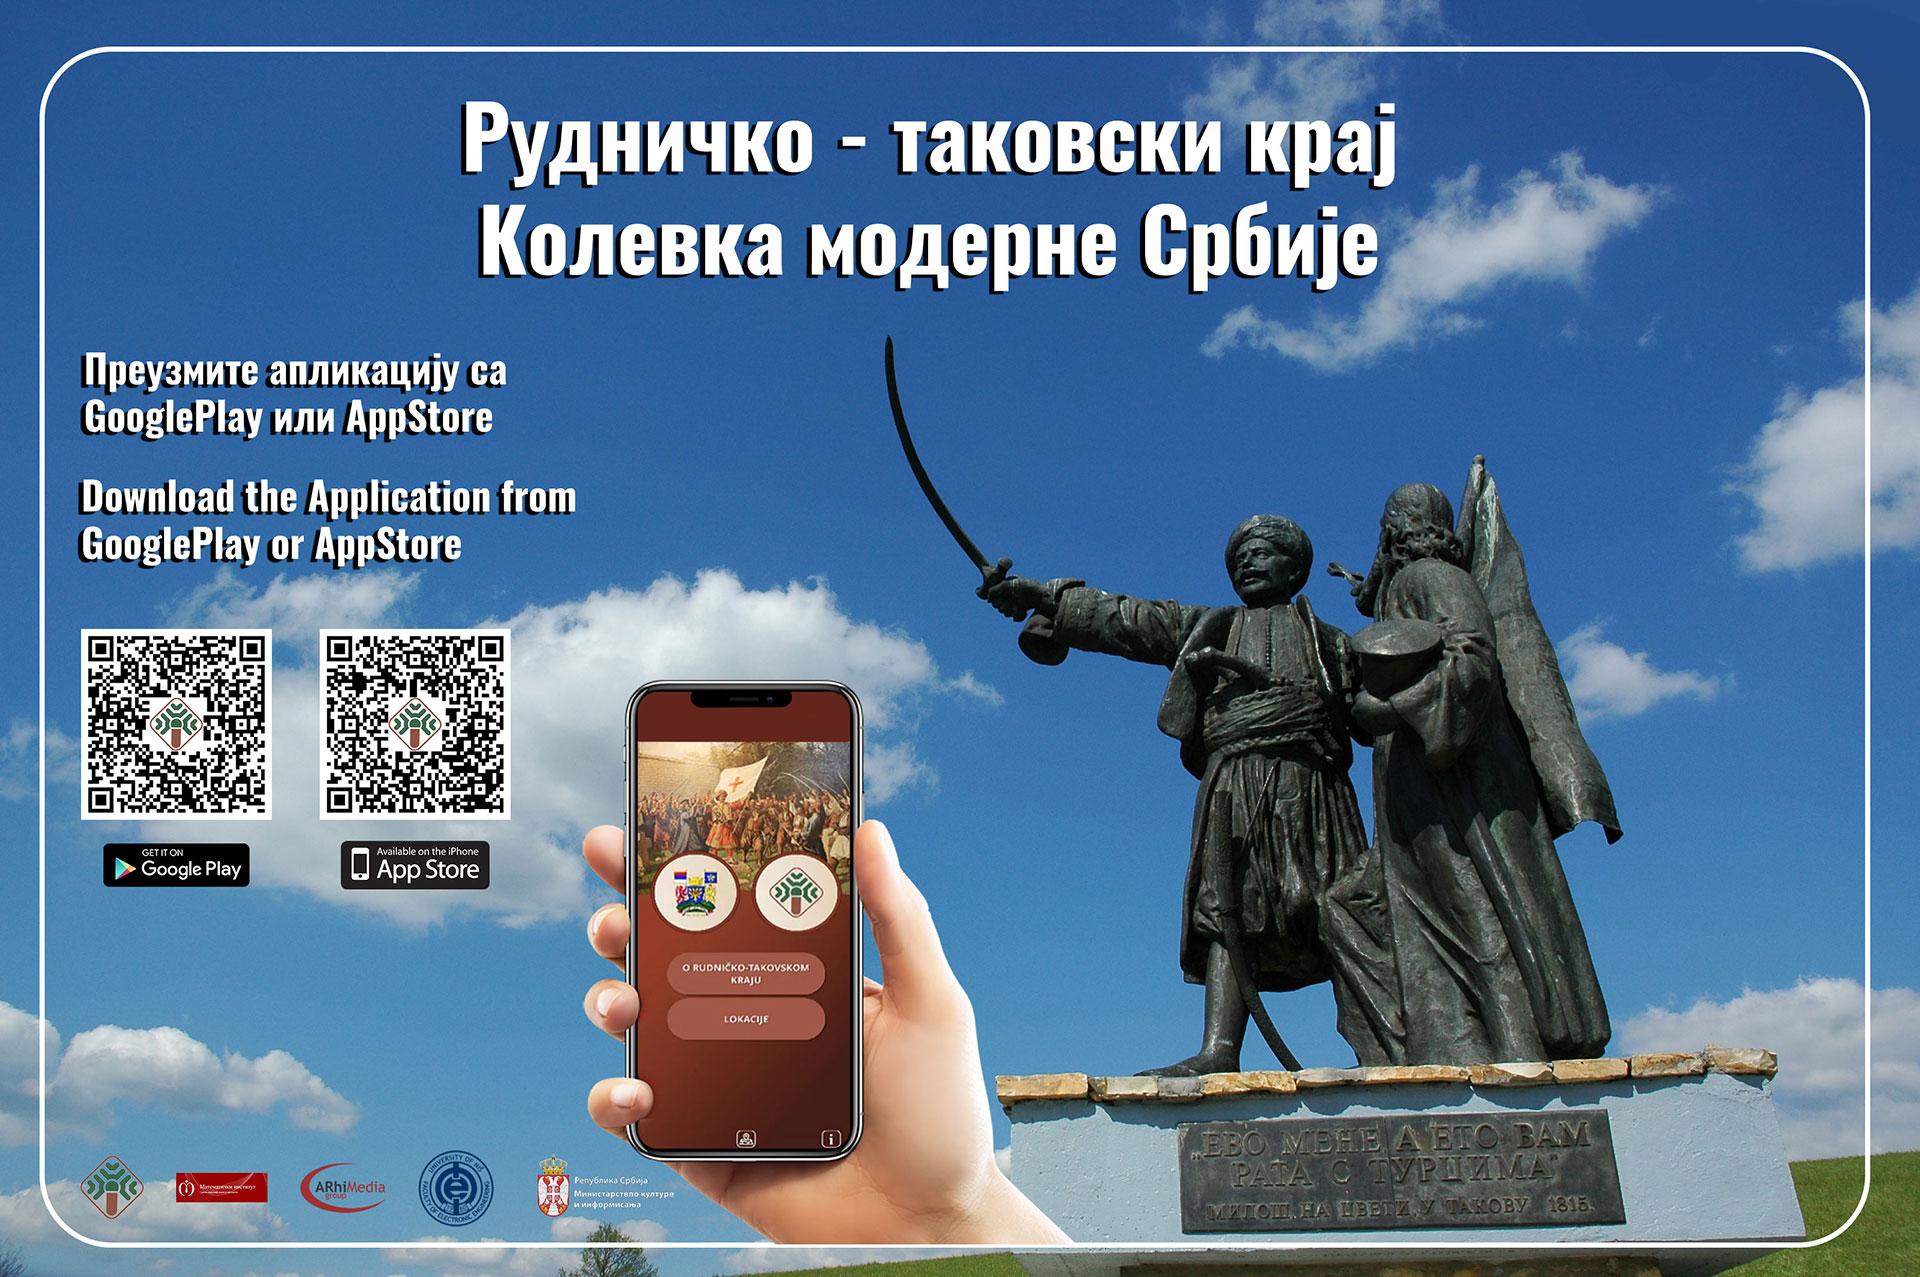 Апликација за мобилне телефоне